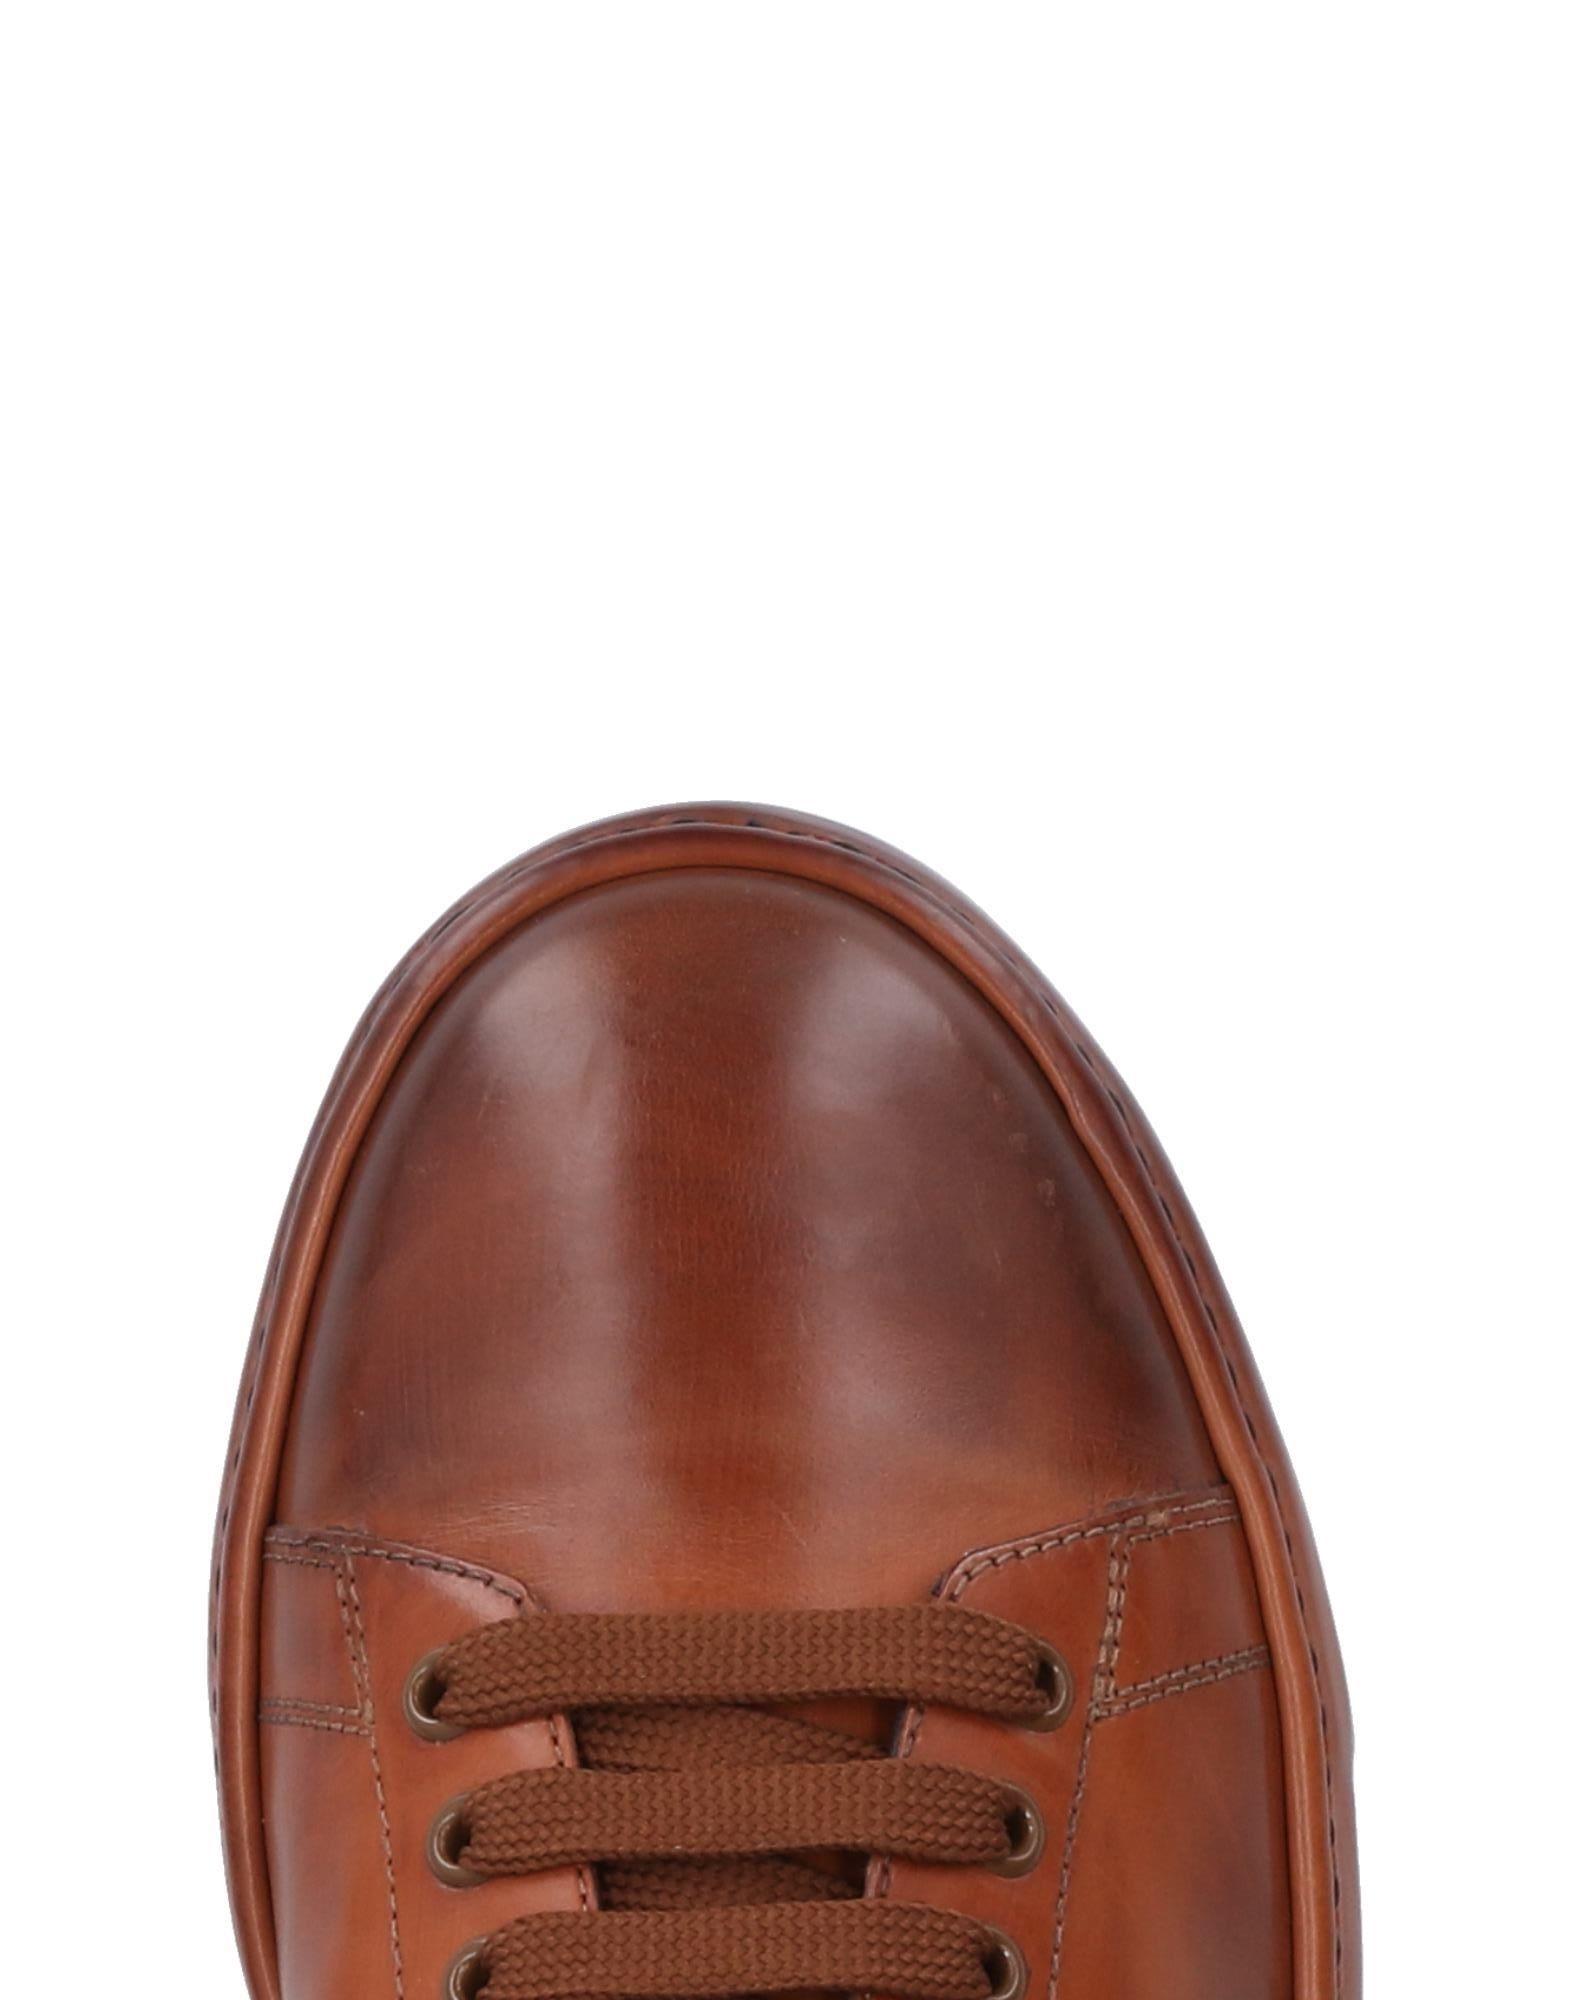 Cesare Paciotti Sneakers Herren  Schuhe 11505039EG Gute Qualität beliebte Schuhe  335f2d